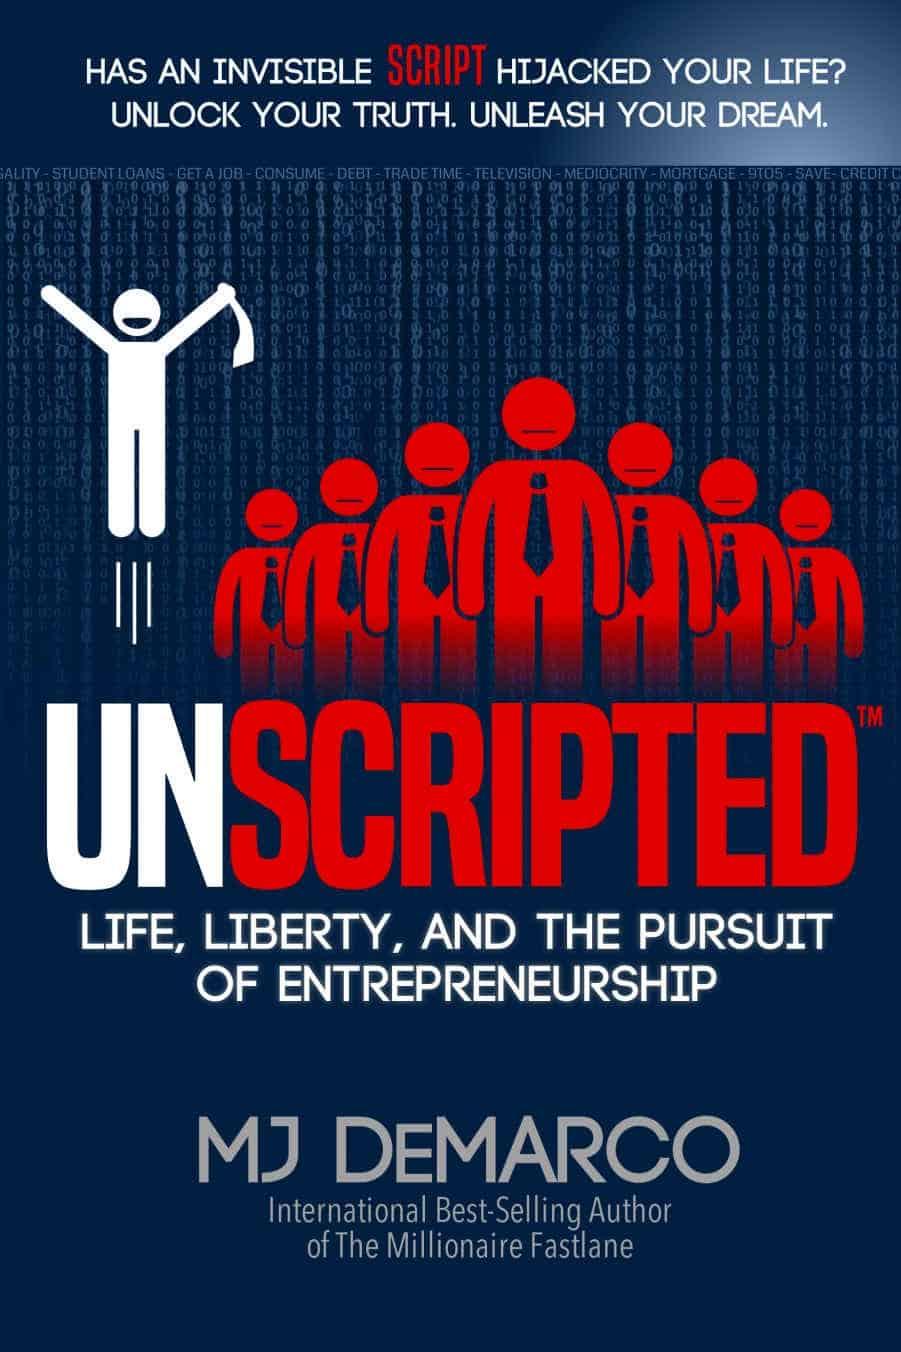 Le Livre UNSCRIPTED – Life, Liberty, And The Pursuit Of Entrepreneurship par MJ DeMarco